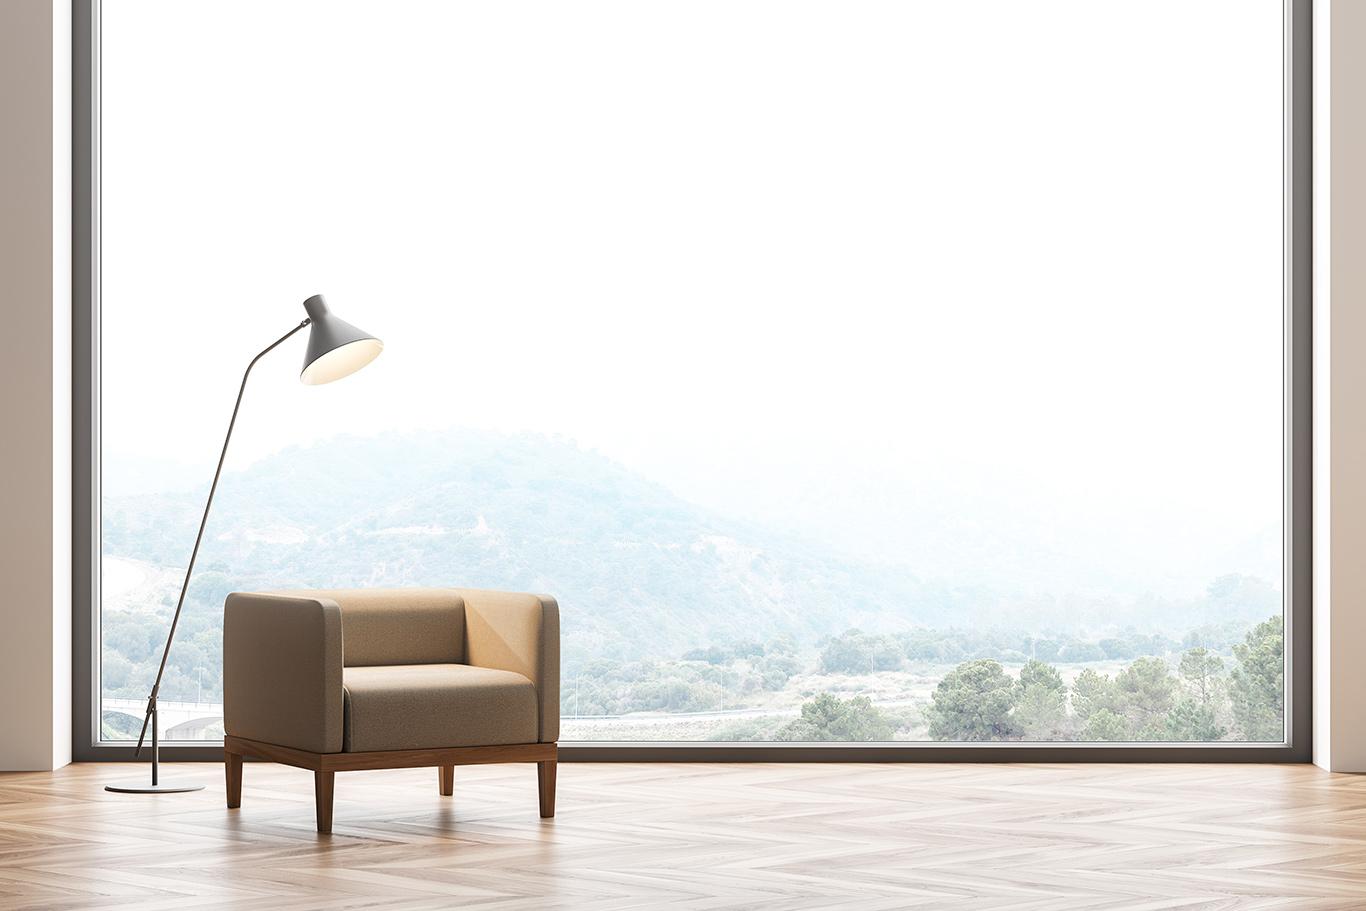 Luksusowy, nowoczesny wygląd pomieszczeń i wnętrza pełne naturalnego światła.